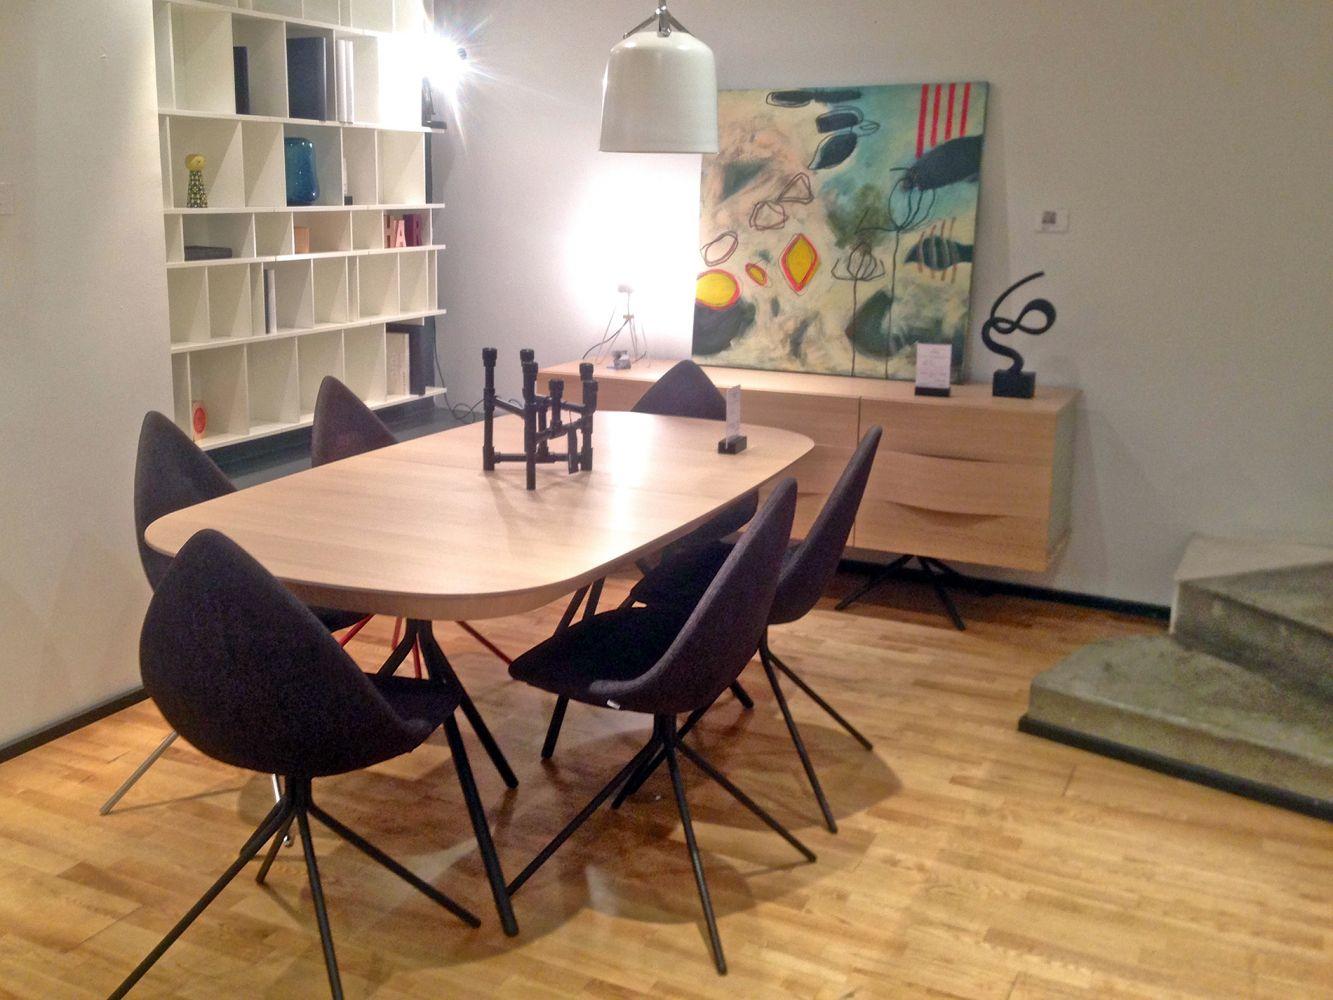 boconcept grenoble cool boconcept grenoble of grand depot vente meuble gopr excellent depot. Black Bedroom Furniture Sets. Home Design Ideas